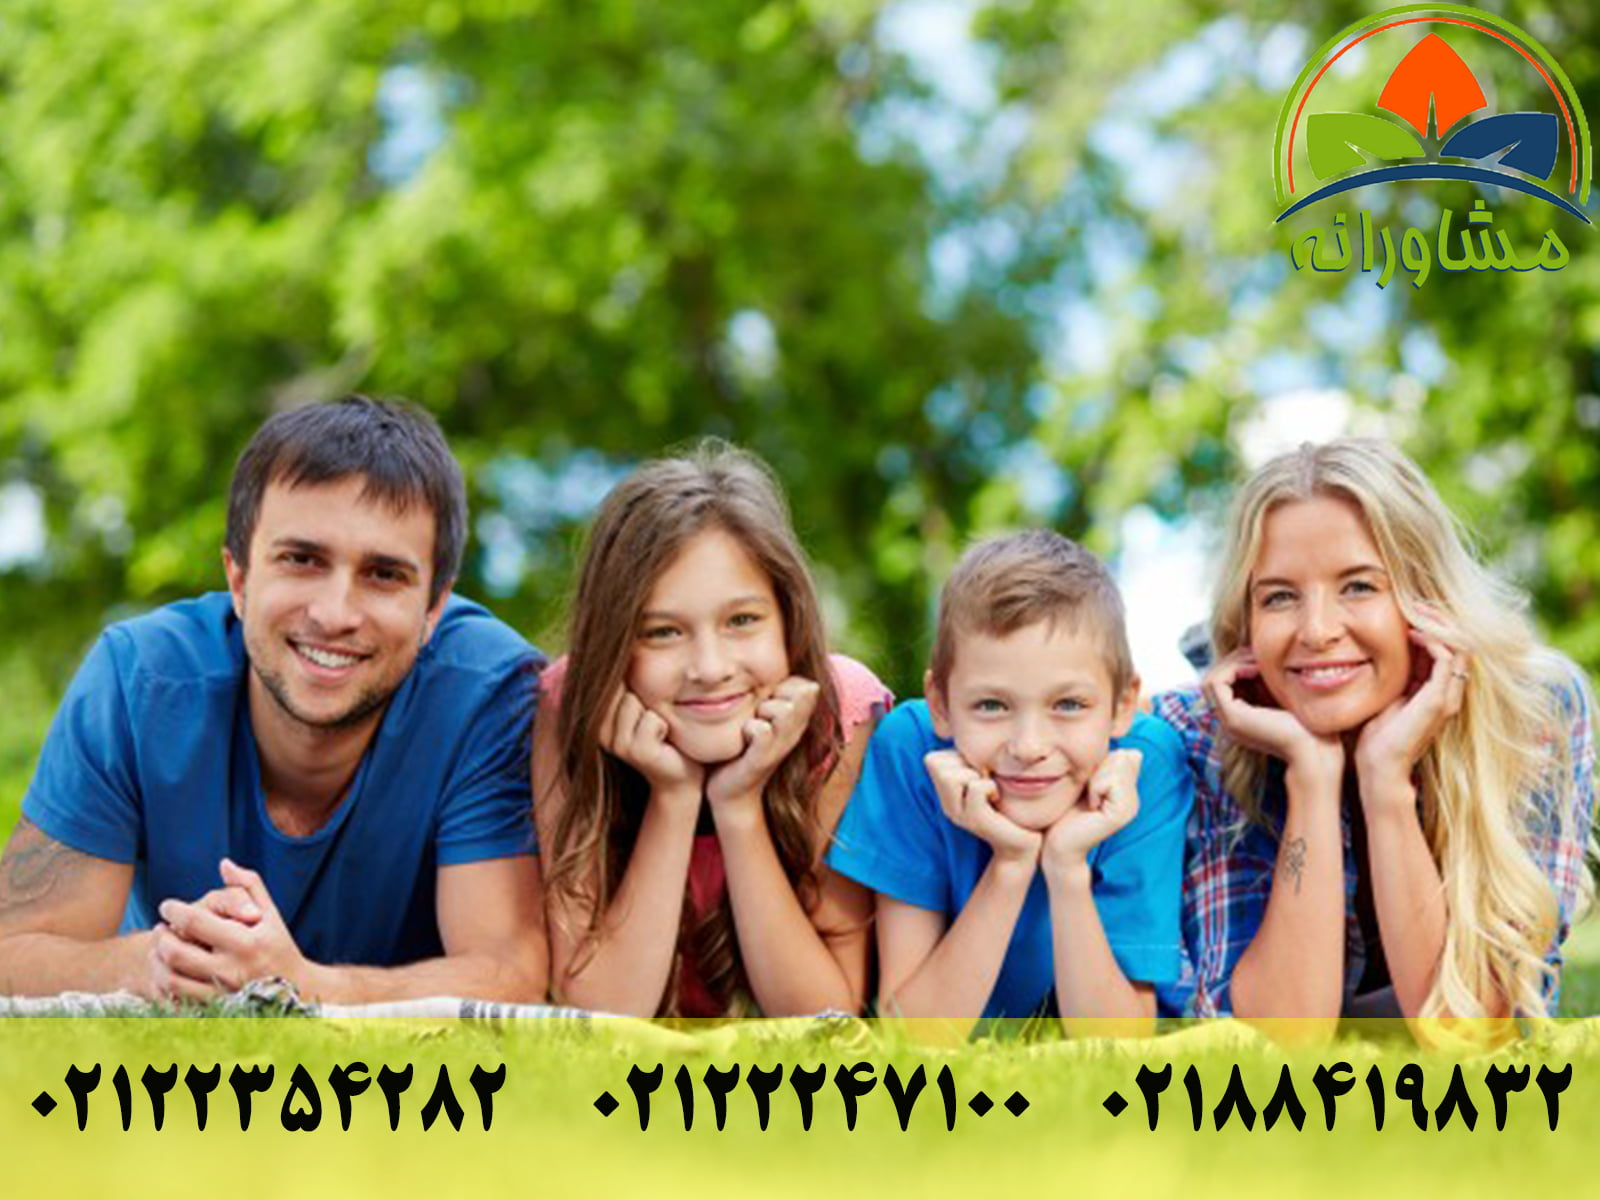 انواع مشکلات خانوادگی